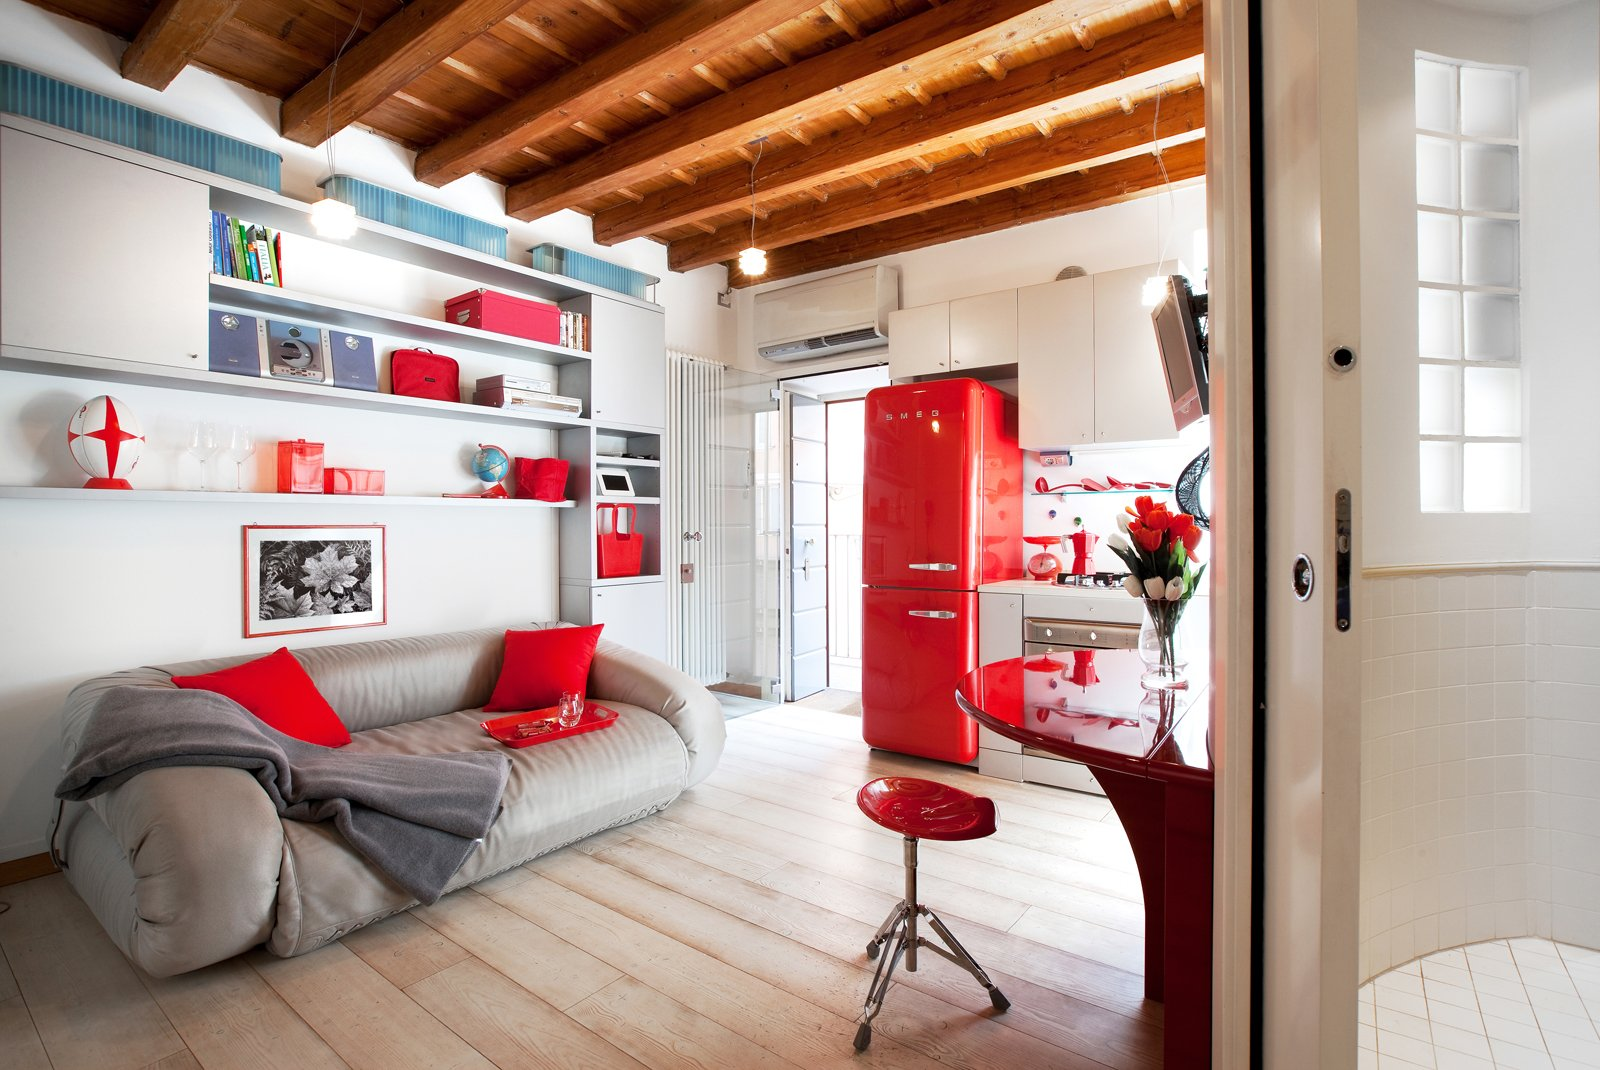 Idee quadri moderni tiarchcom panca hemnes ikea idee with - Idee per quadri moderni ...